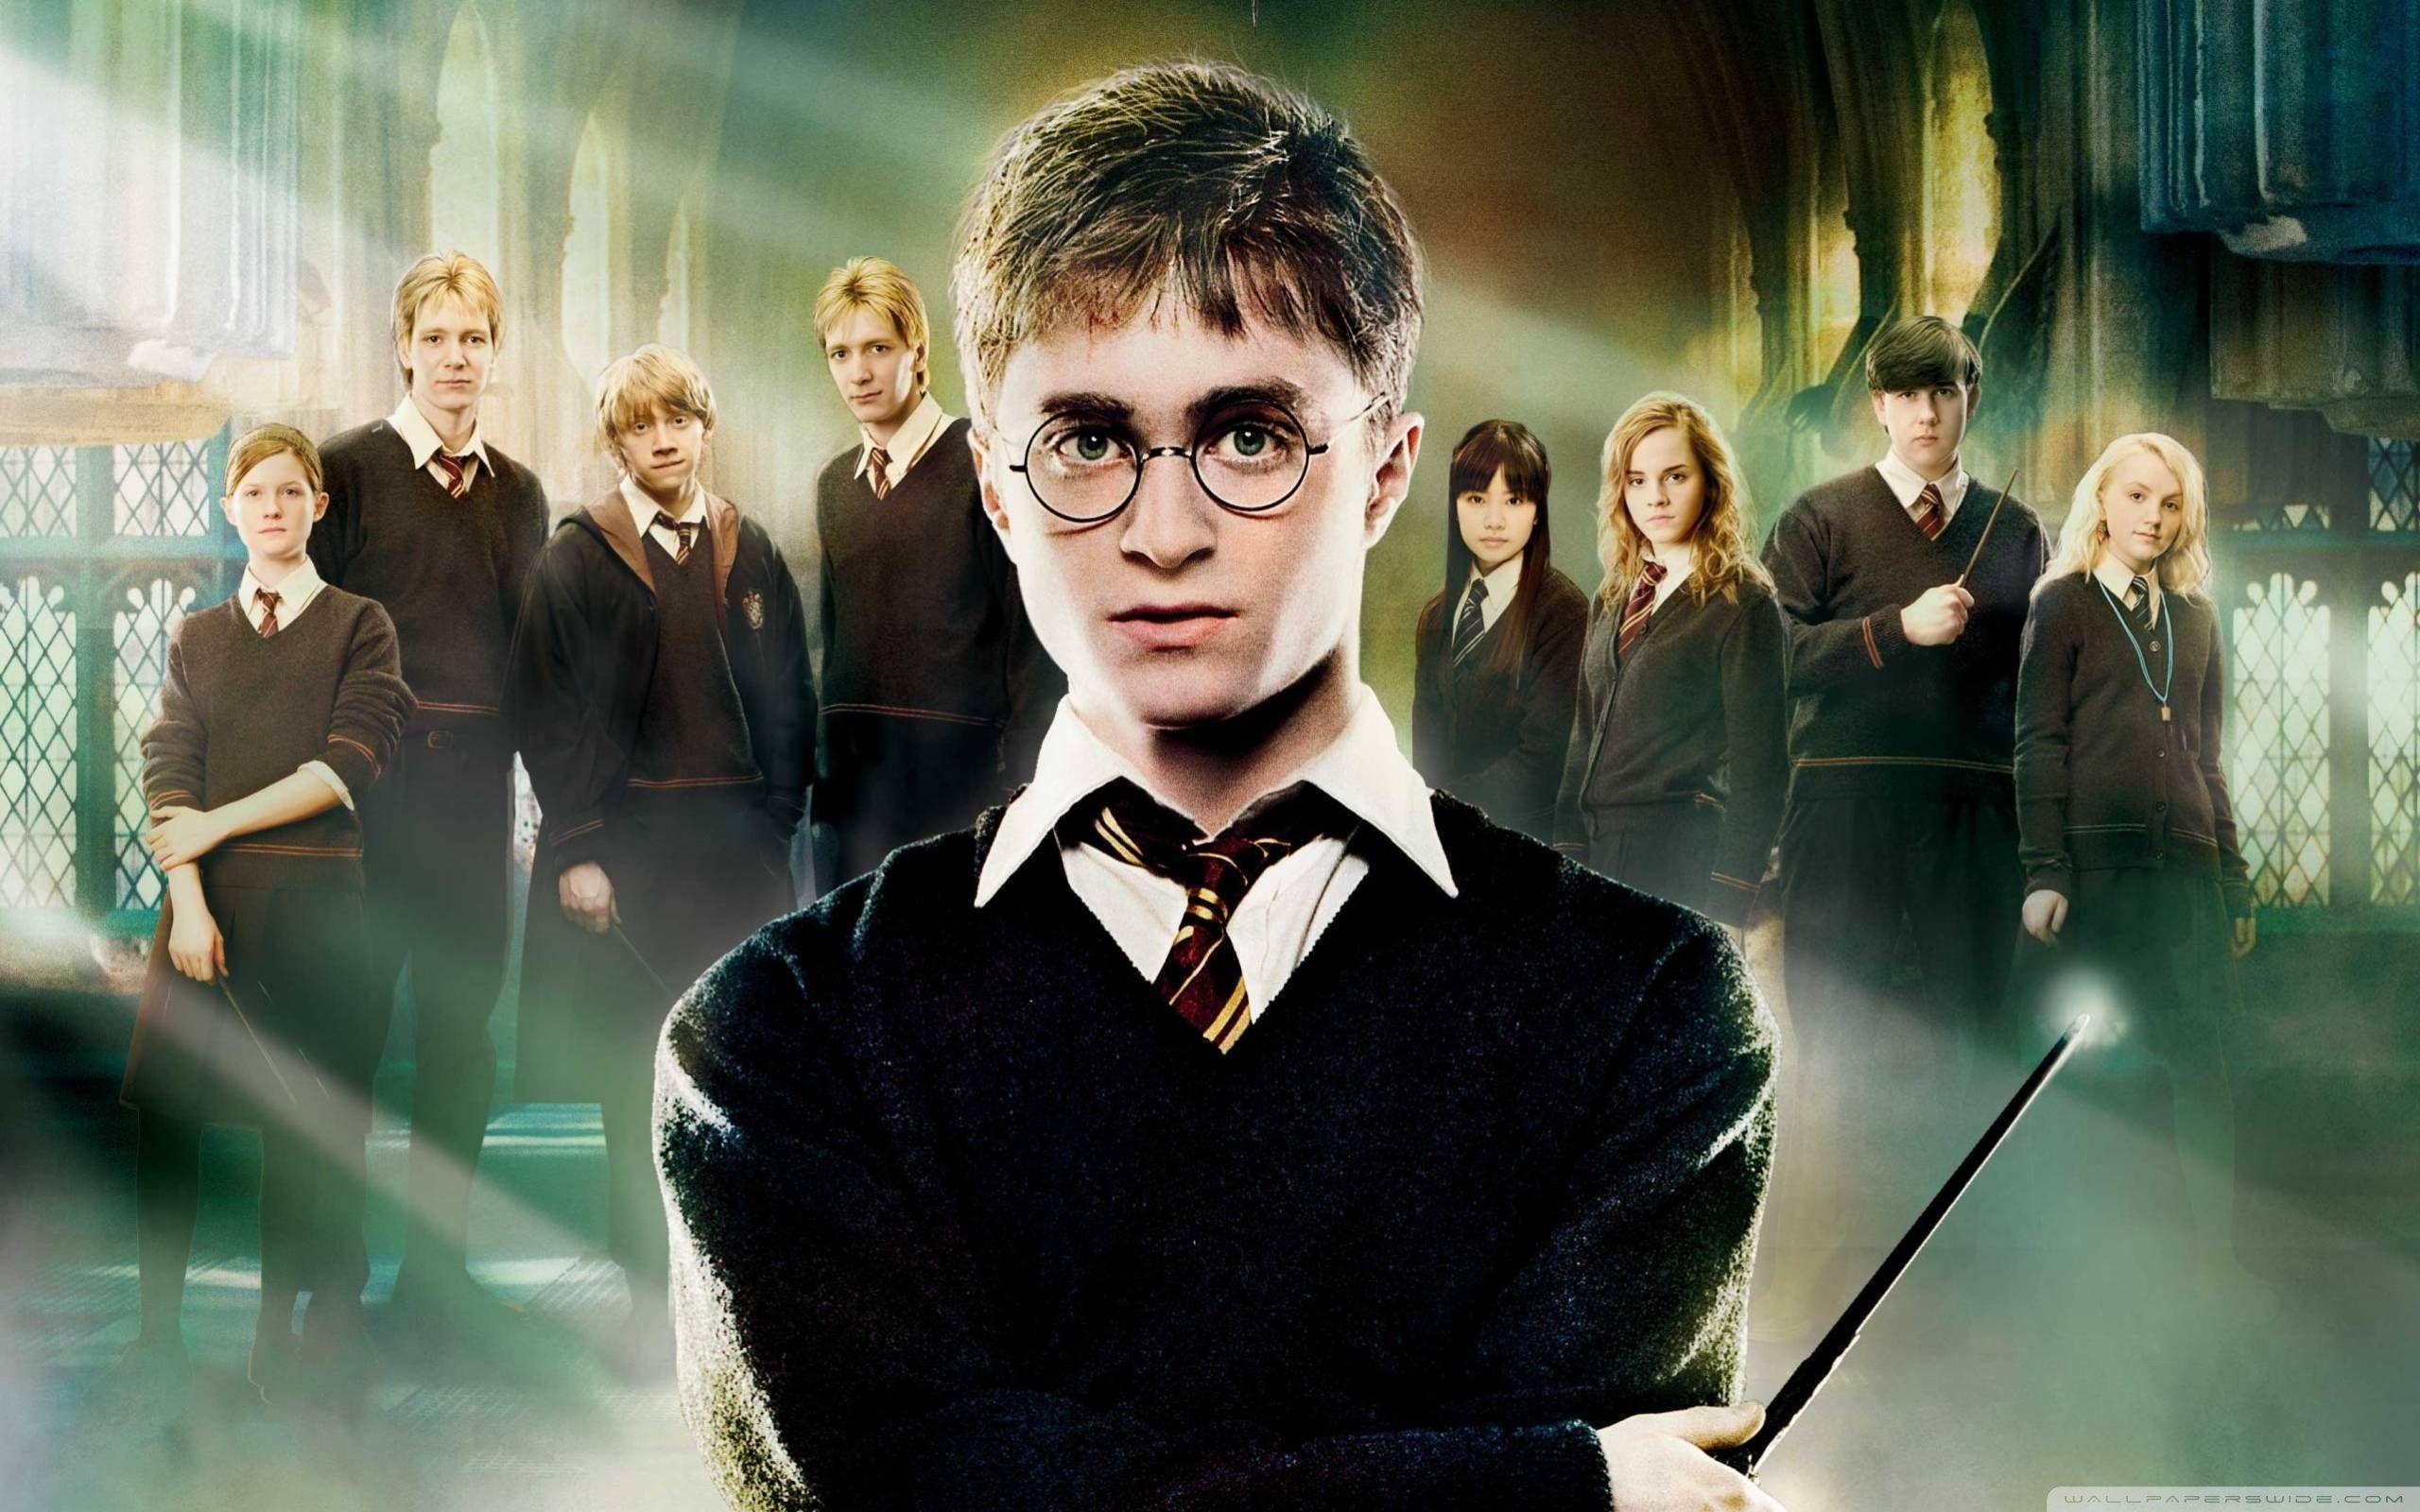 Fantastic Wallpaper Harry Potter Epic - 48879212c109d81881b16d9dfa255c3b  Photograph_964938.jpg